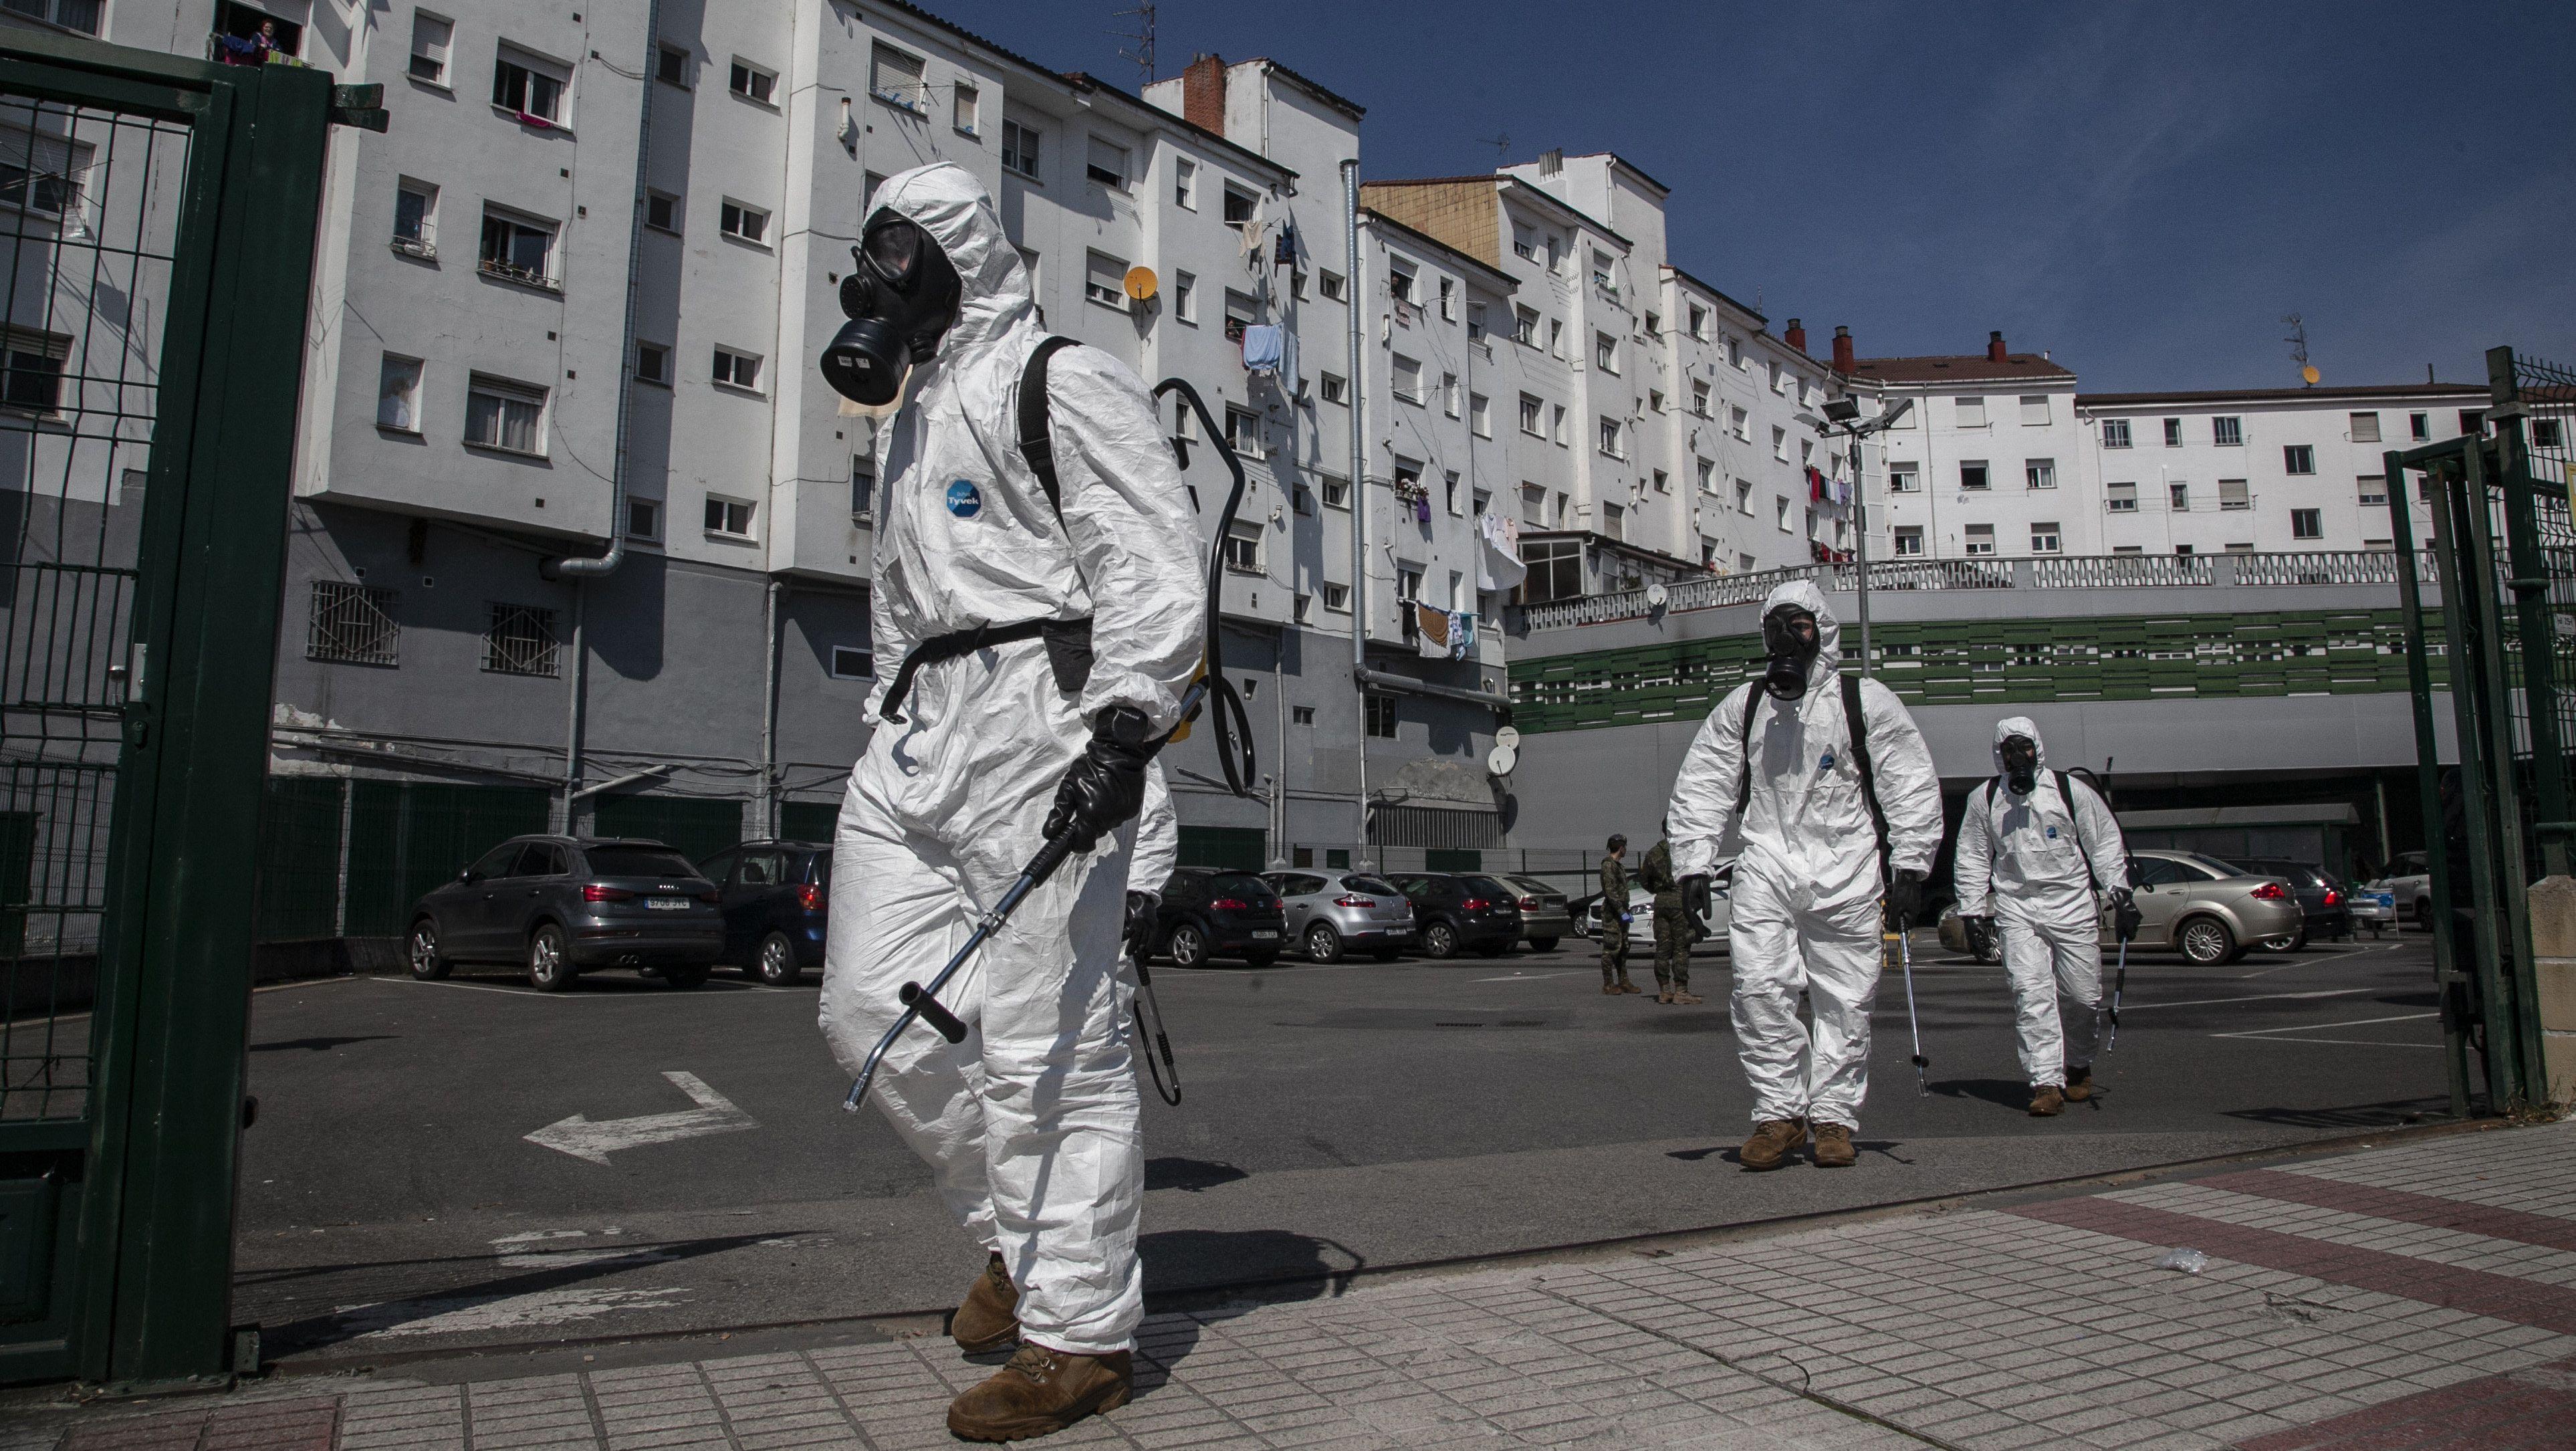 Das spanische Militär übernimmt die Desinfektionsarbeiten in allen öffentlichen medizinischen Einrichtungen.